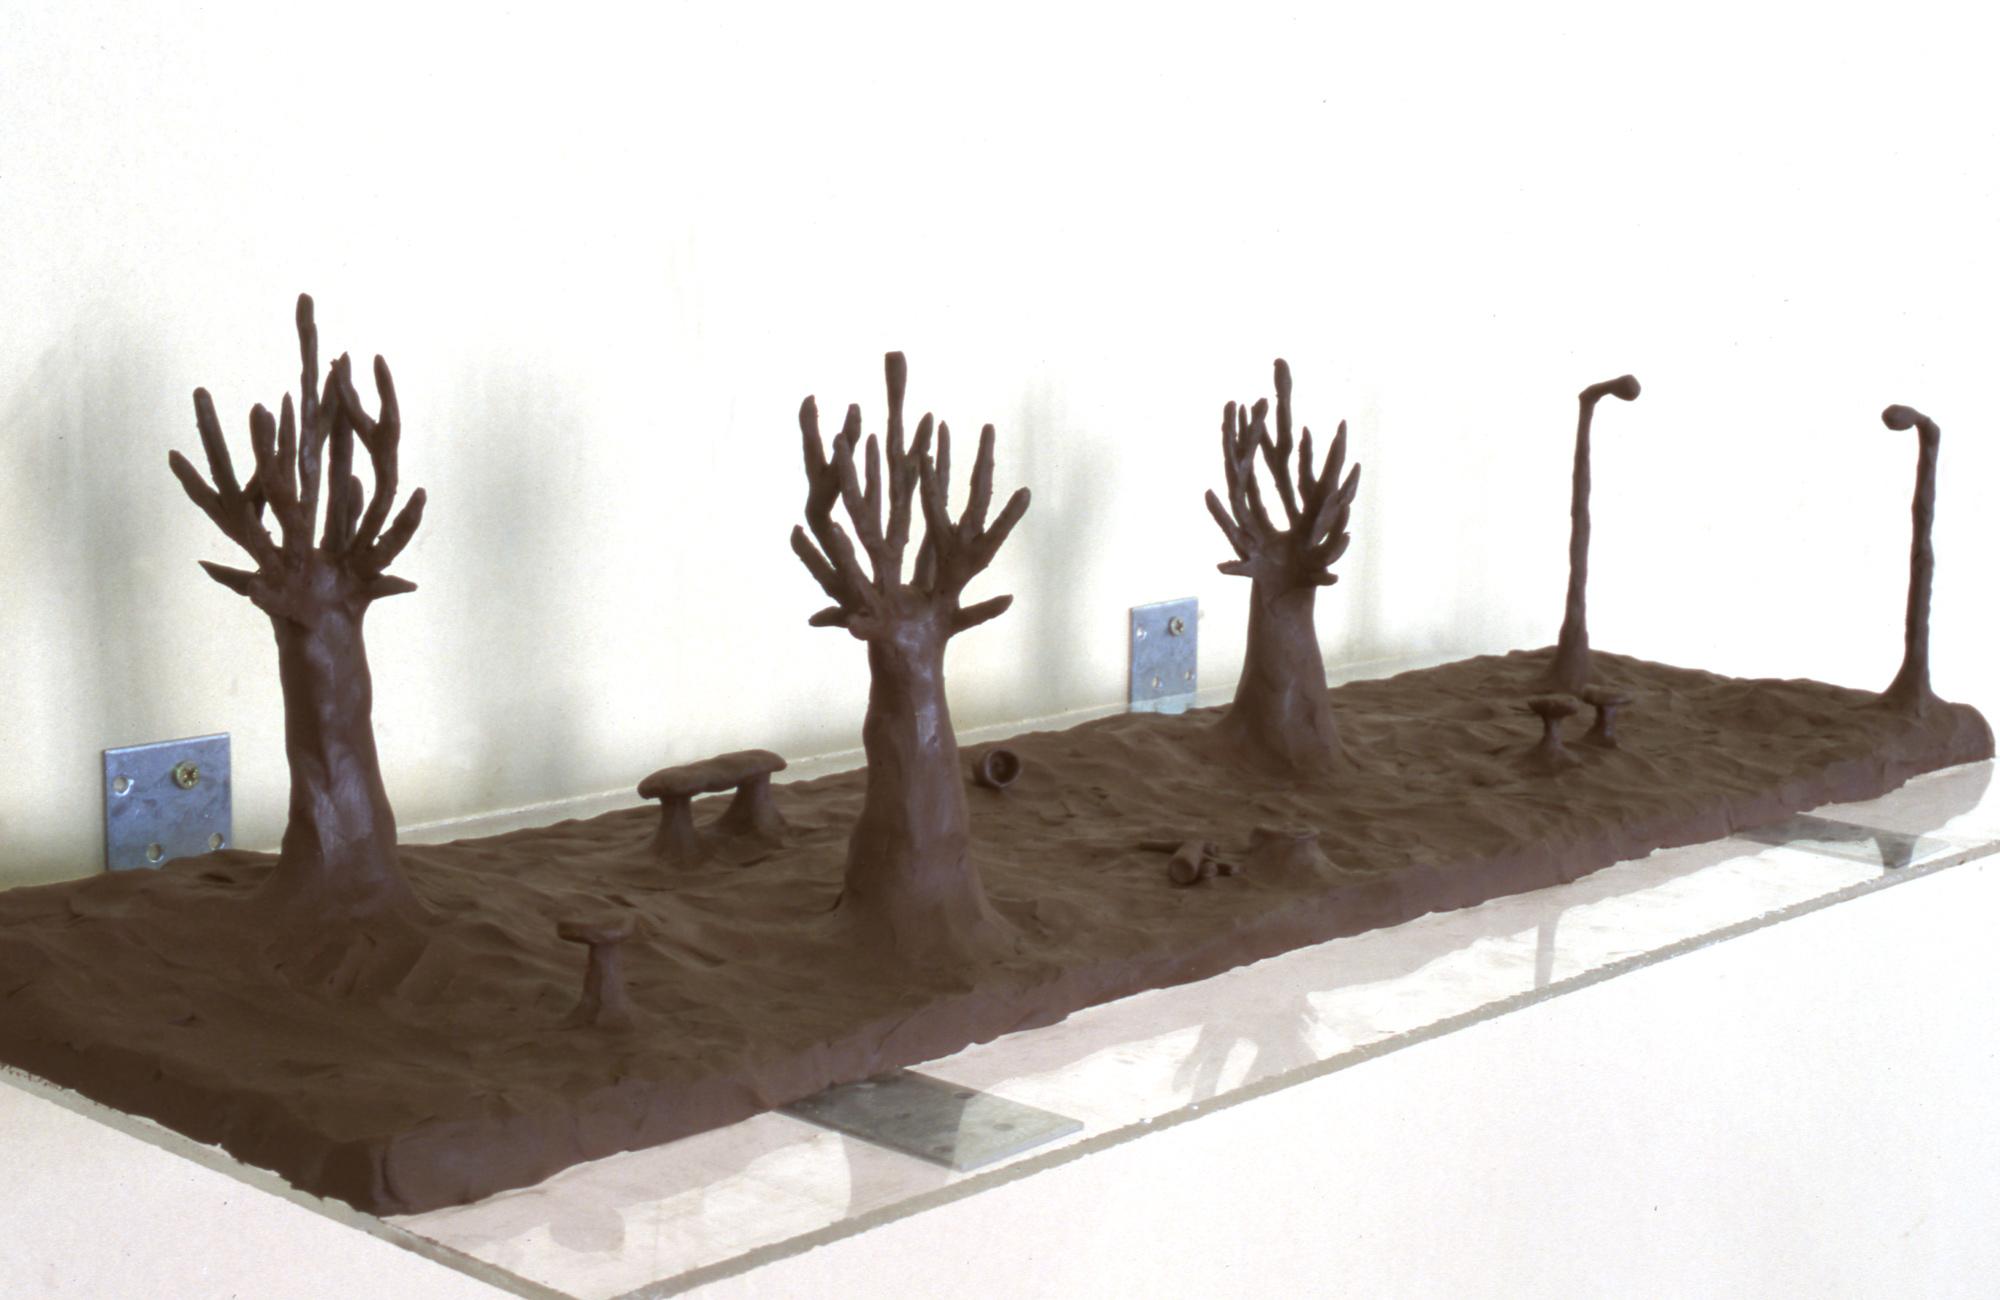 Maddy Arkesteyn - Model for bronze picnic area (public artwork Bentwoud)